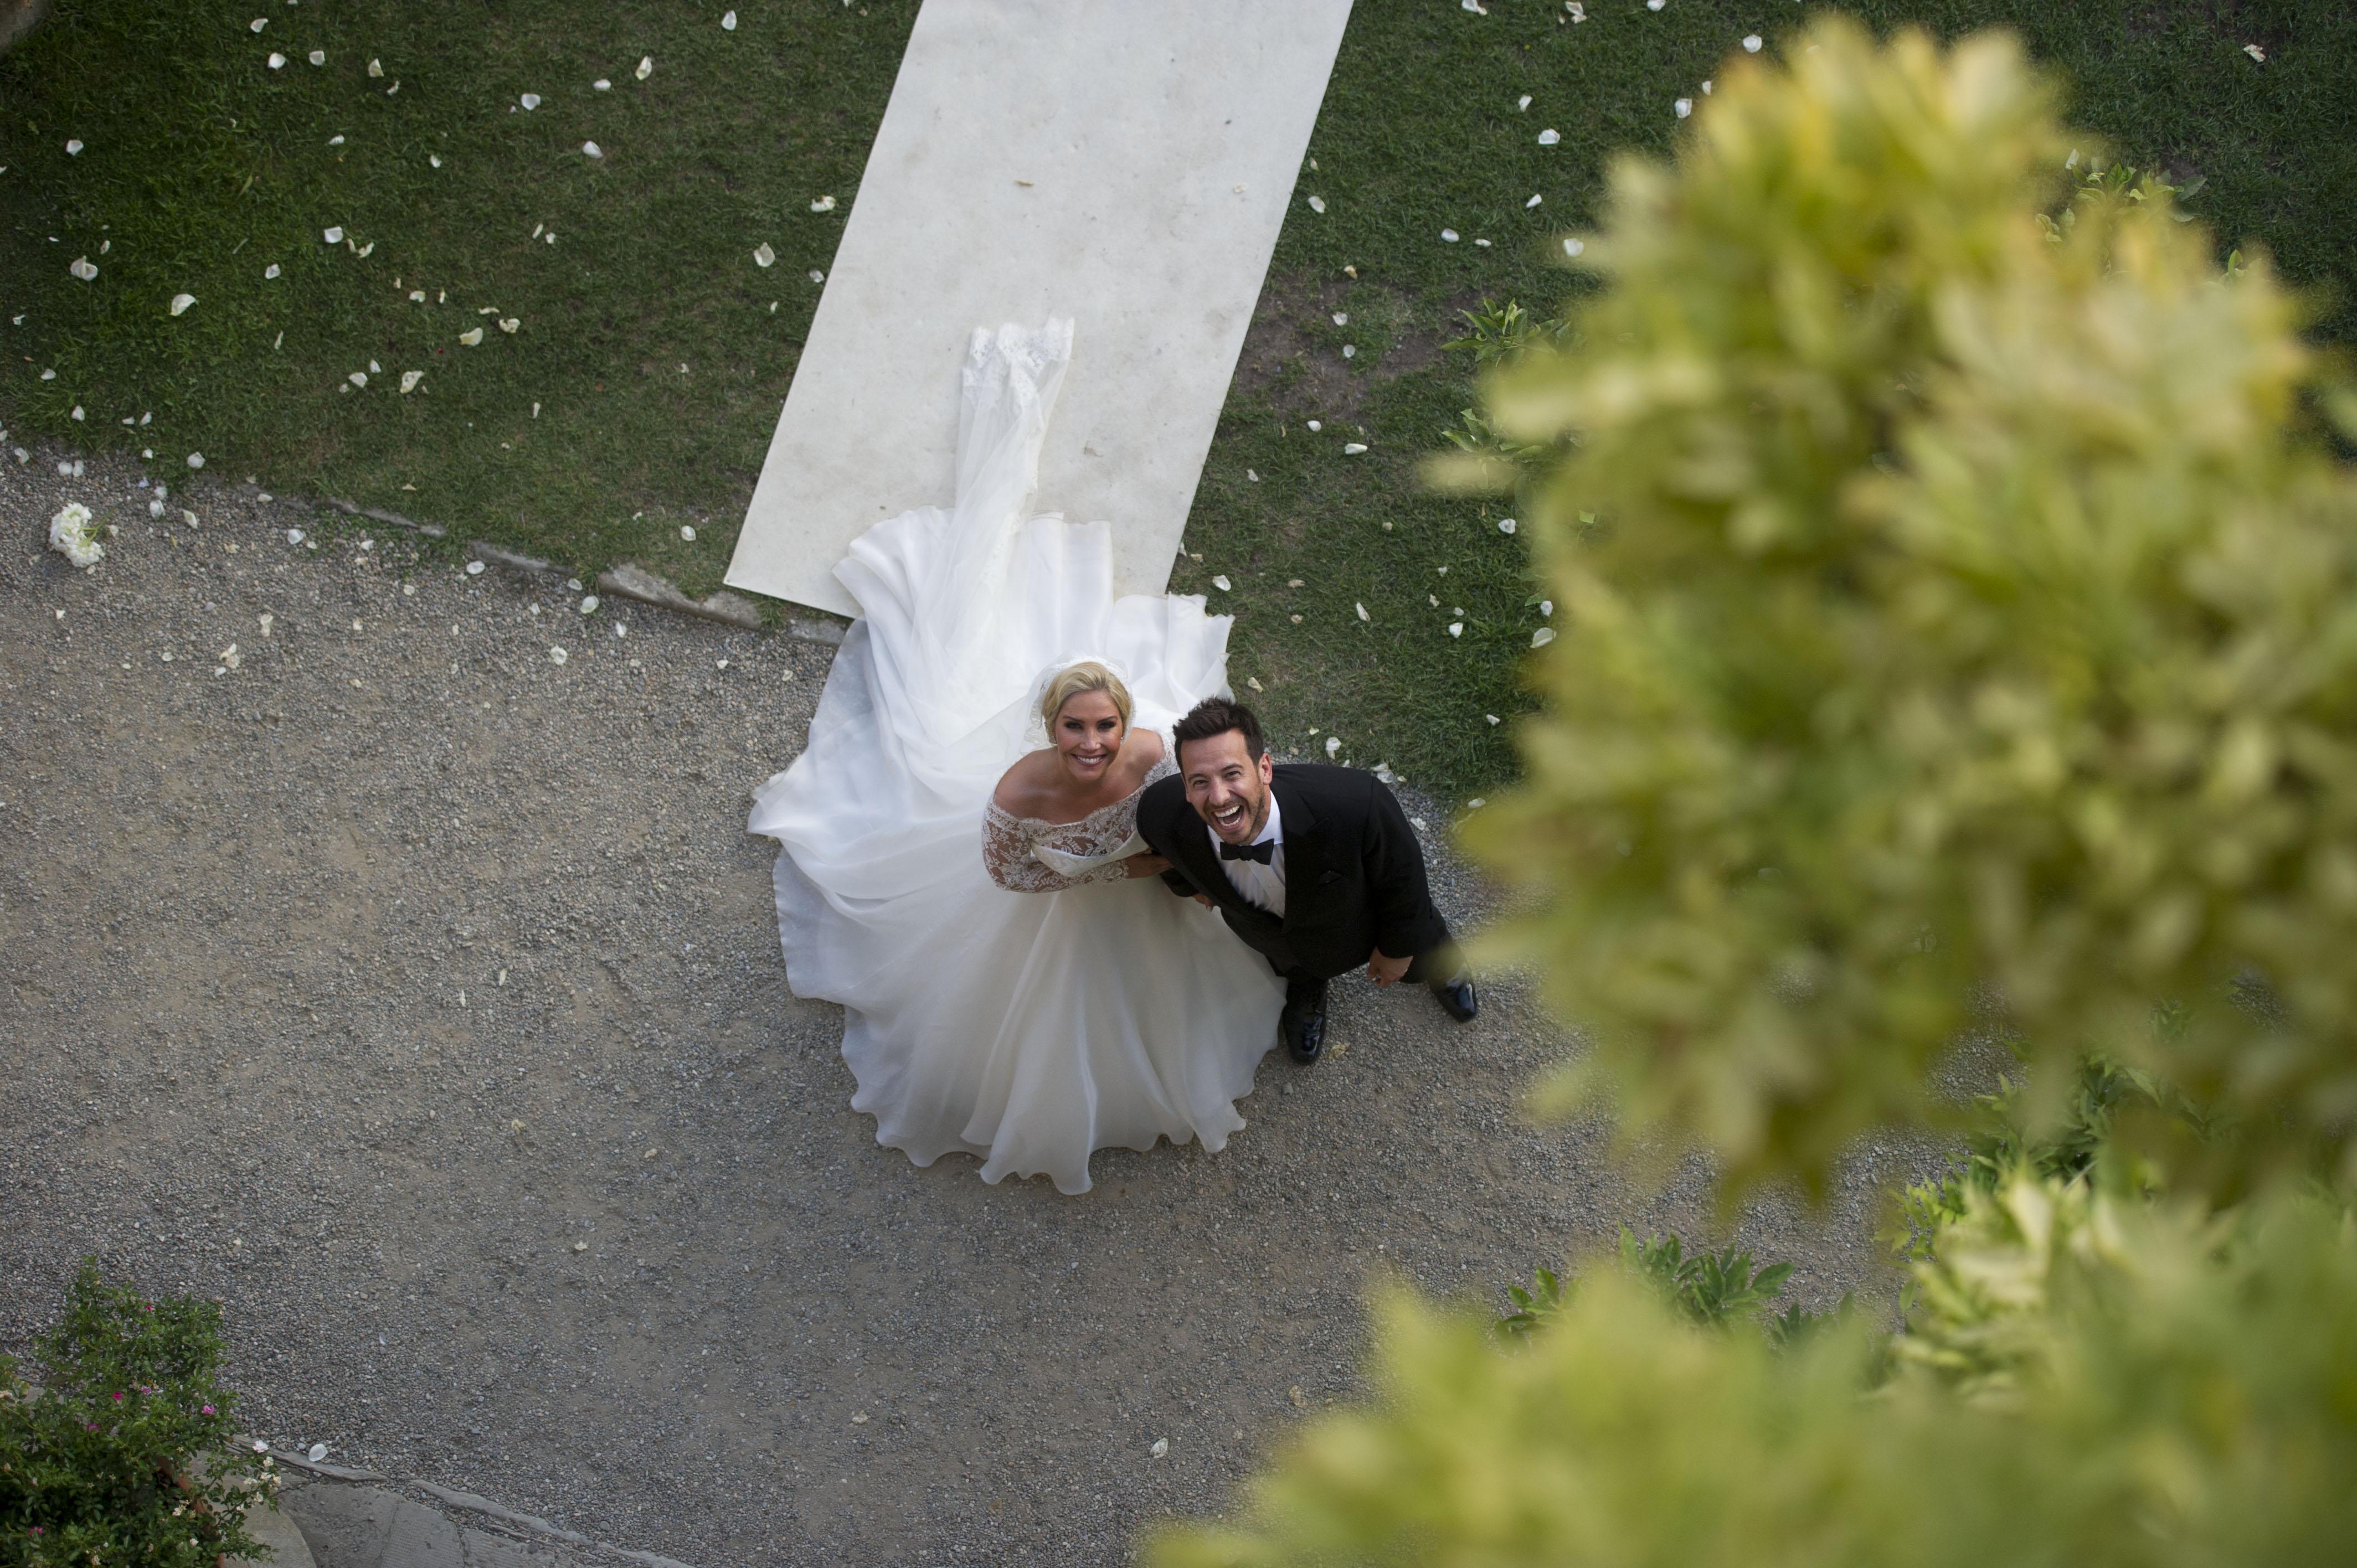 heidi-range-suzanne-neville-wedding-gown-6